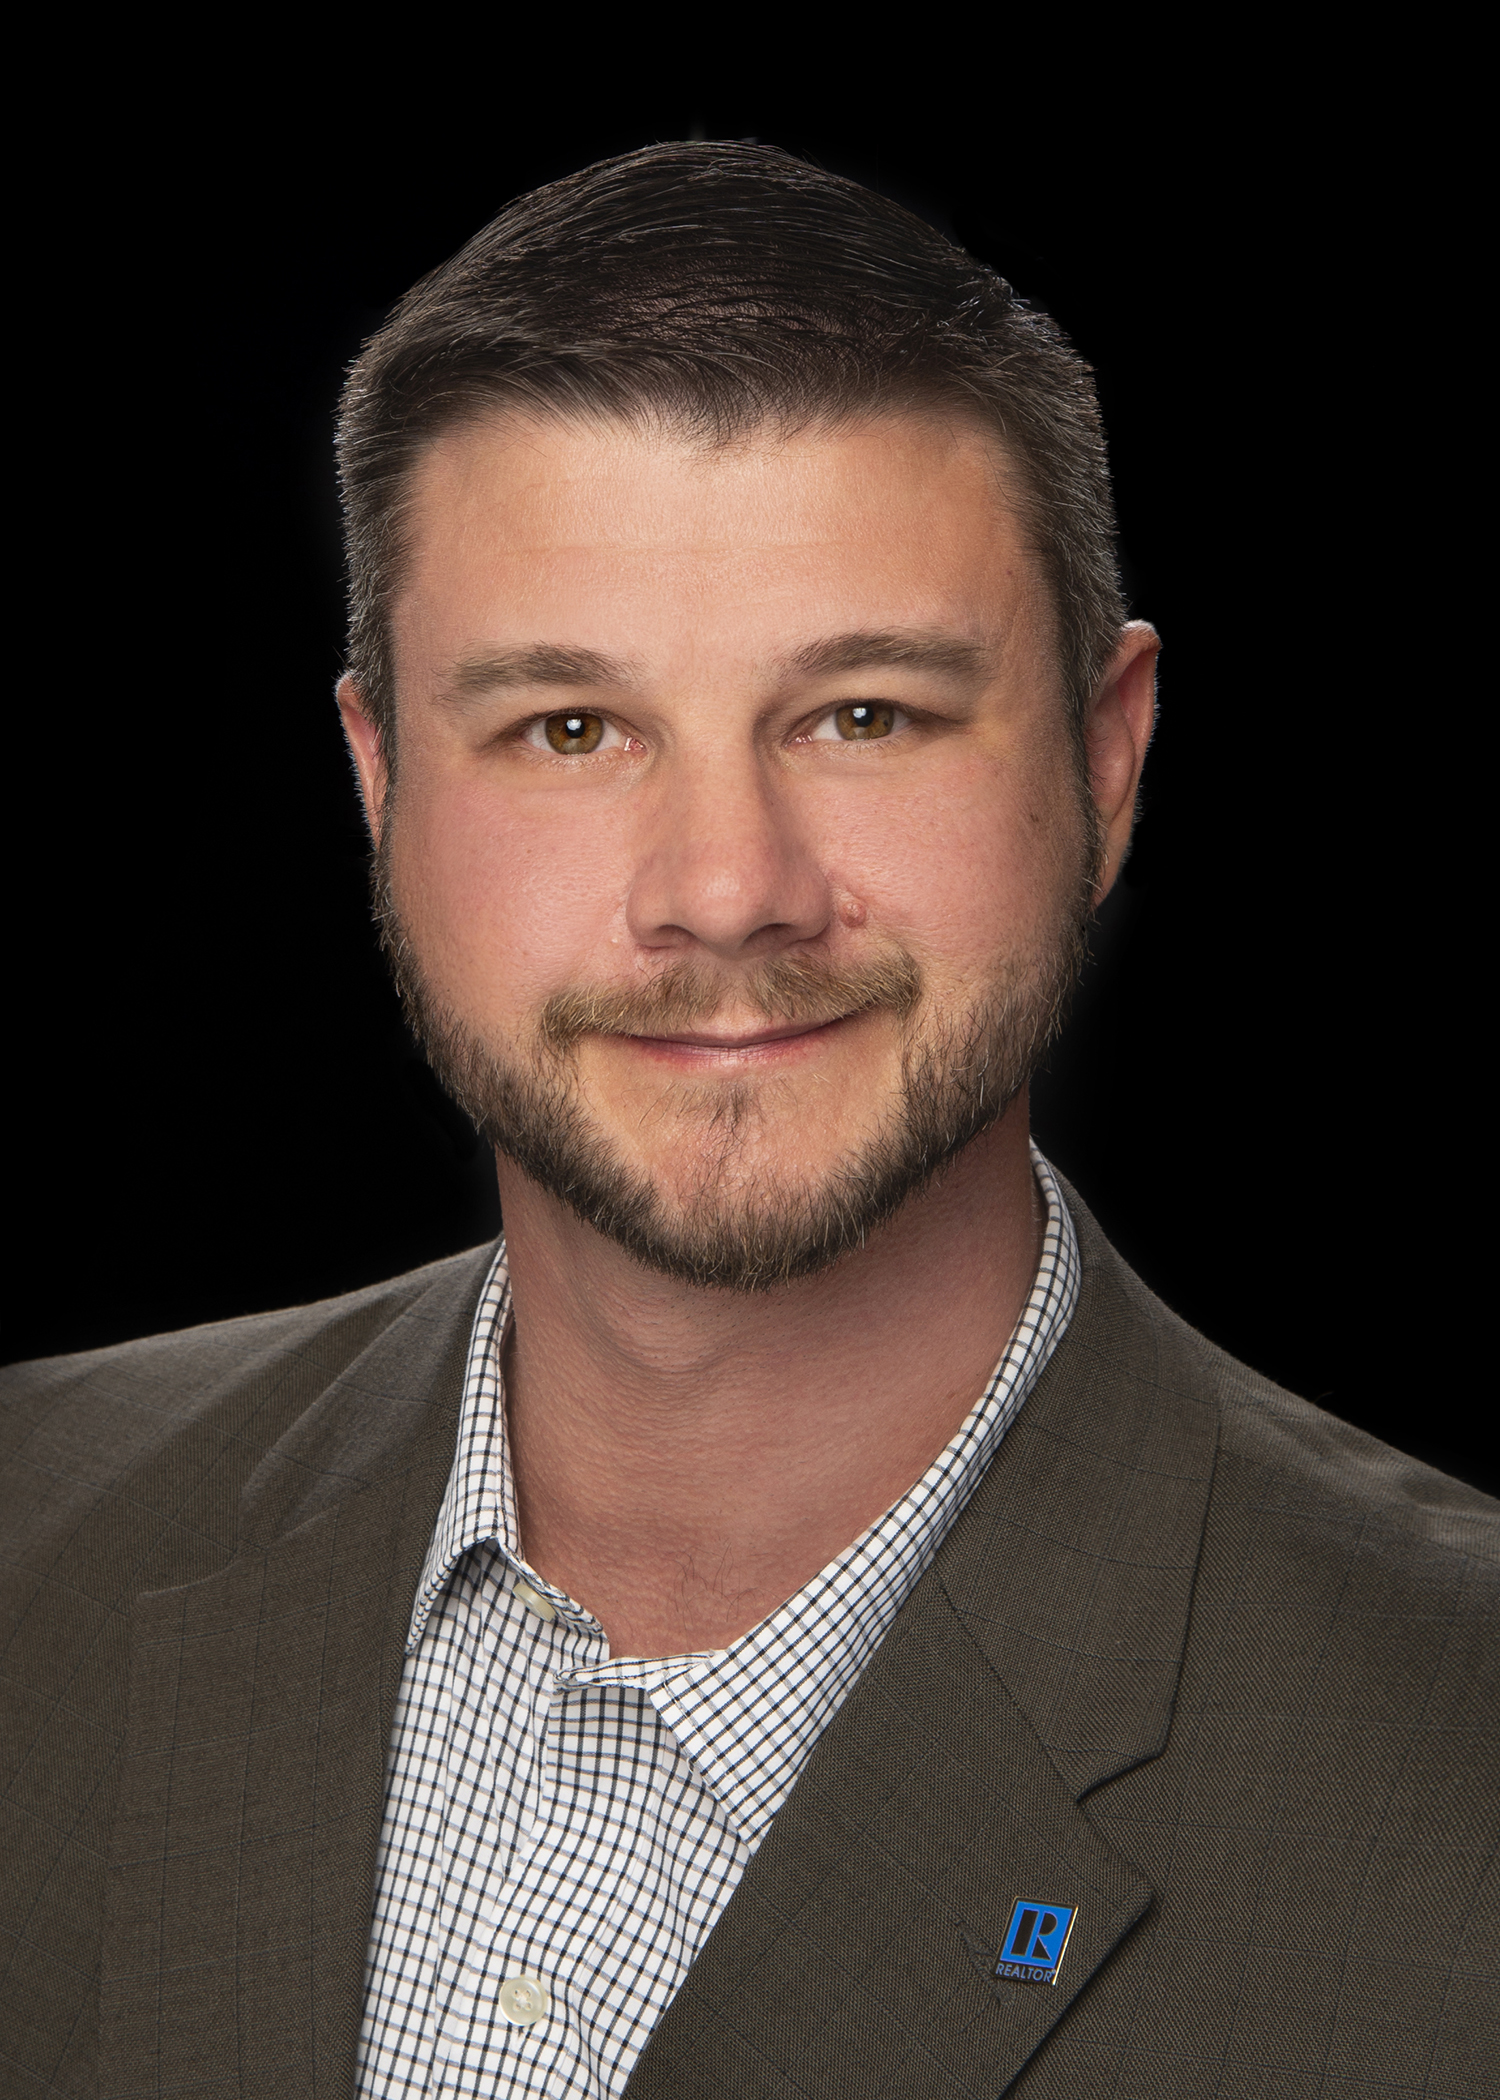 Shane Brysch